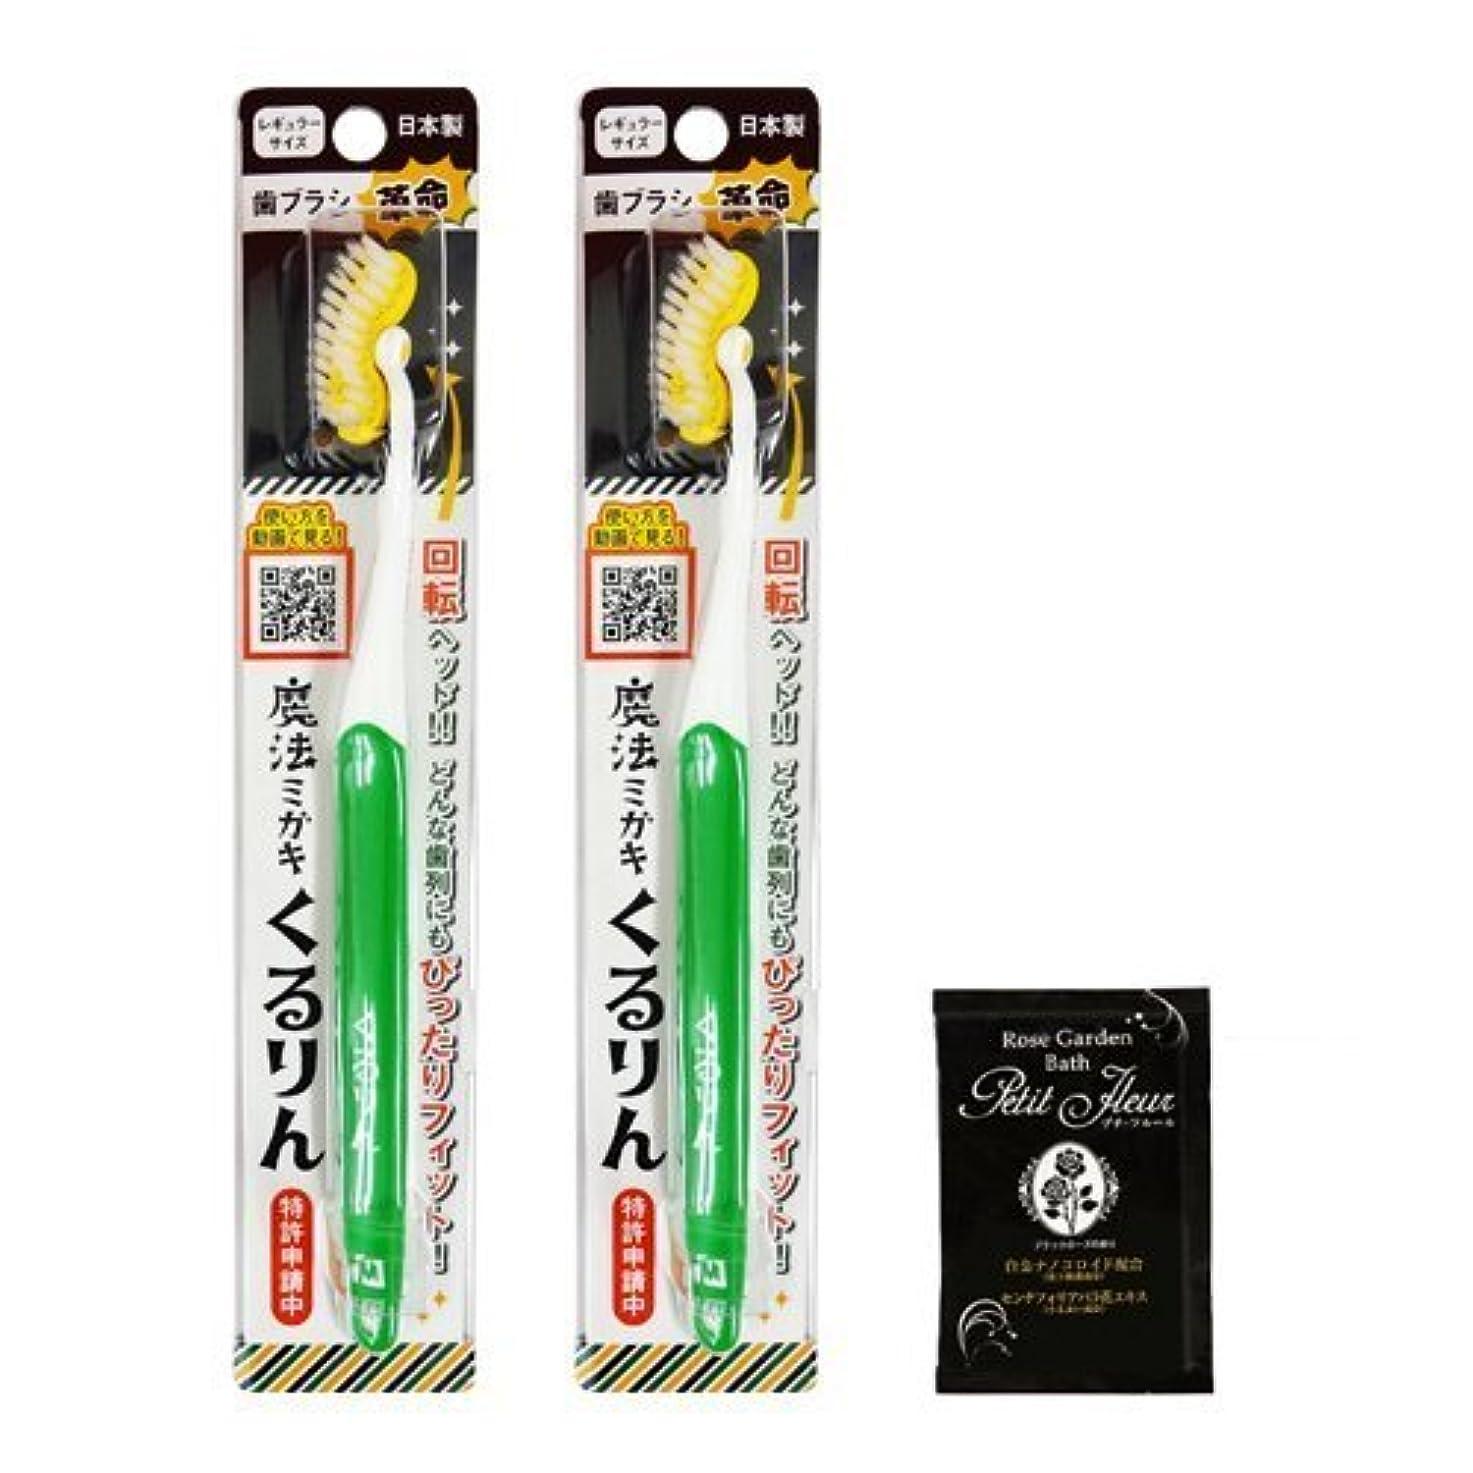 トラップコットン配分魔法ミガキくるりんグリーン × 2個 +入浴剤(プチフルール)1回分